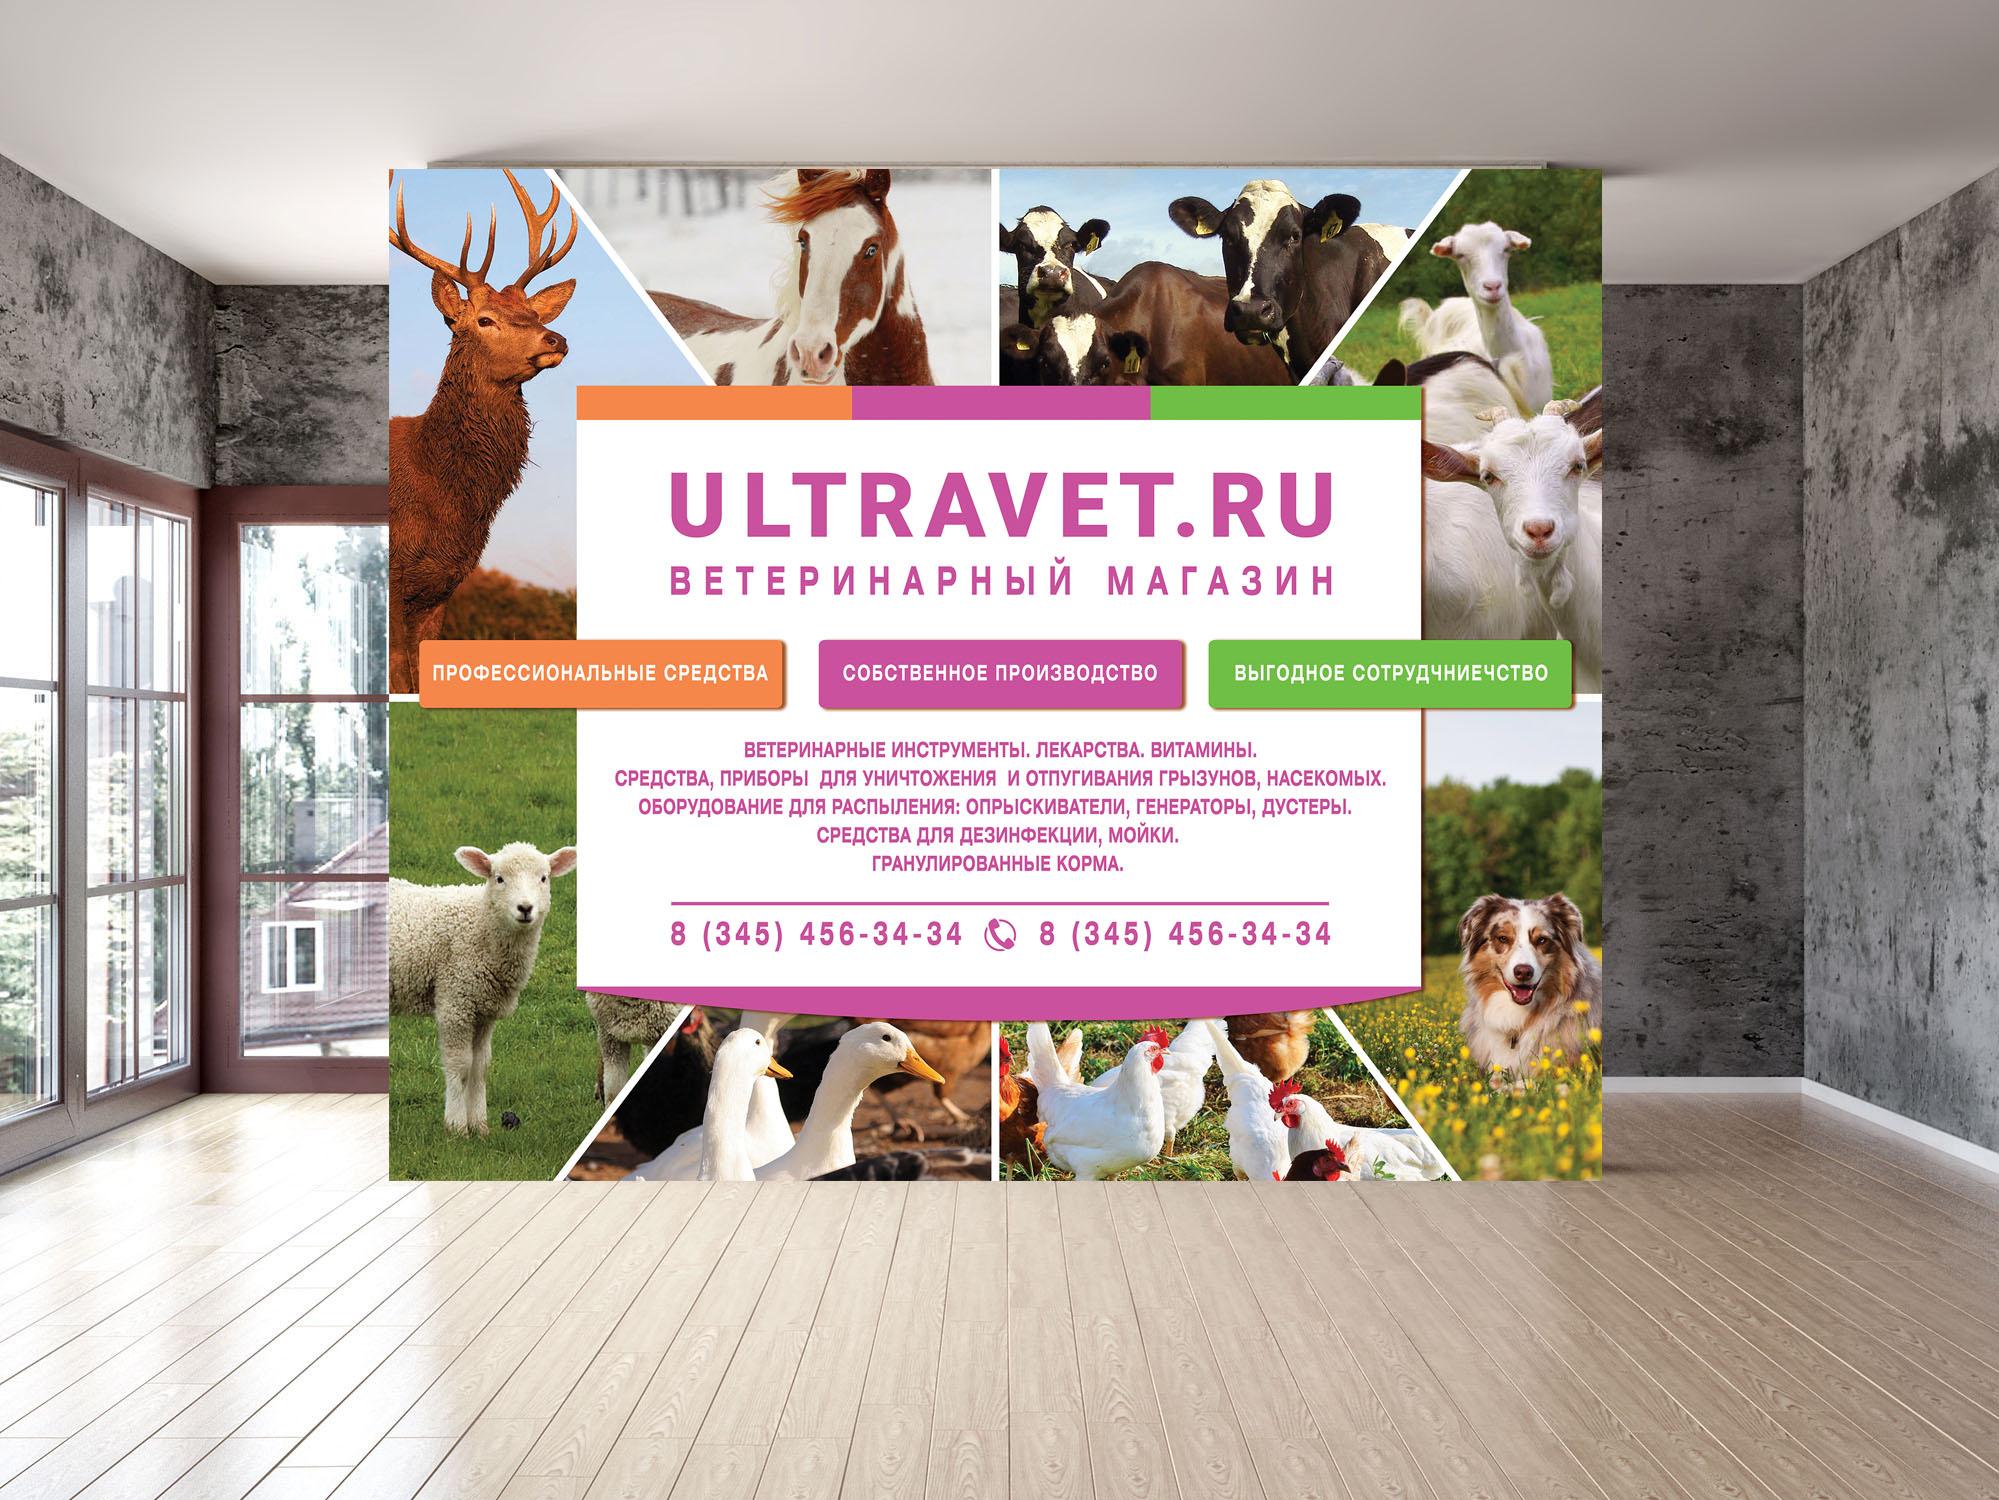 Нужен дизайн постера,  ширина 3 метра, высота 2,5 метра. фото f_1755c210610d8a42.jpg